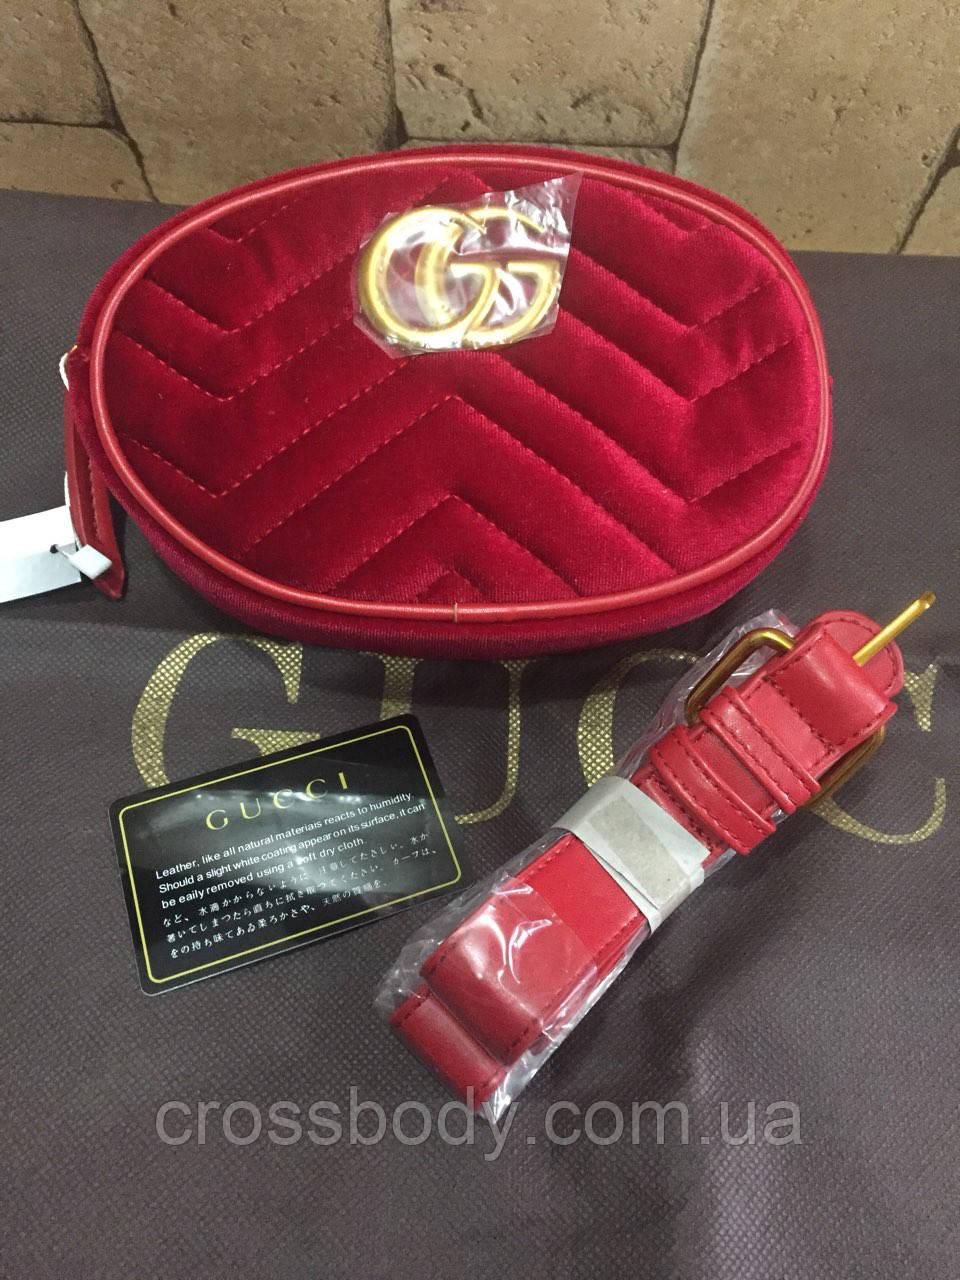 94014f6b9990 Женская сумка клатч Gucci замша в стиле - Интернет - магазин